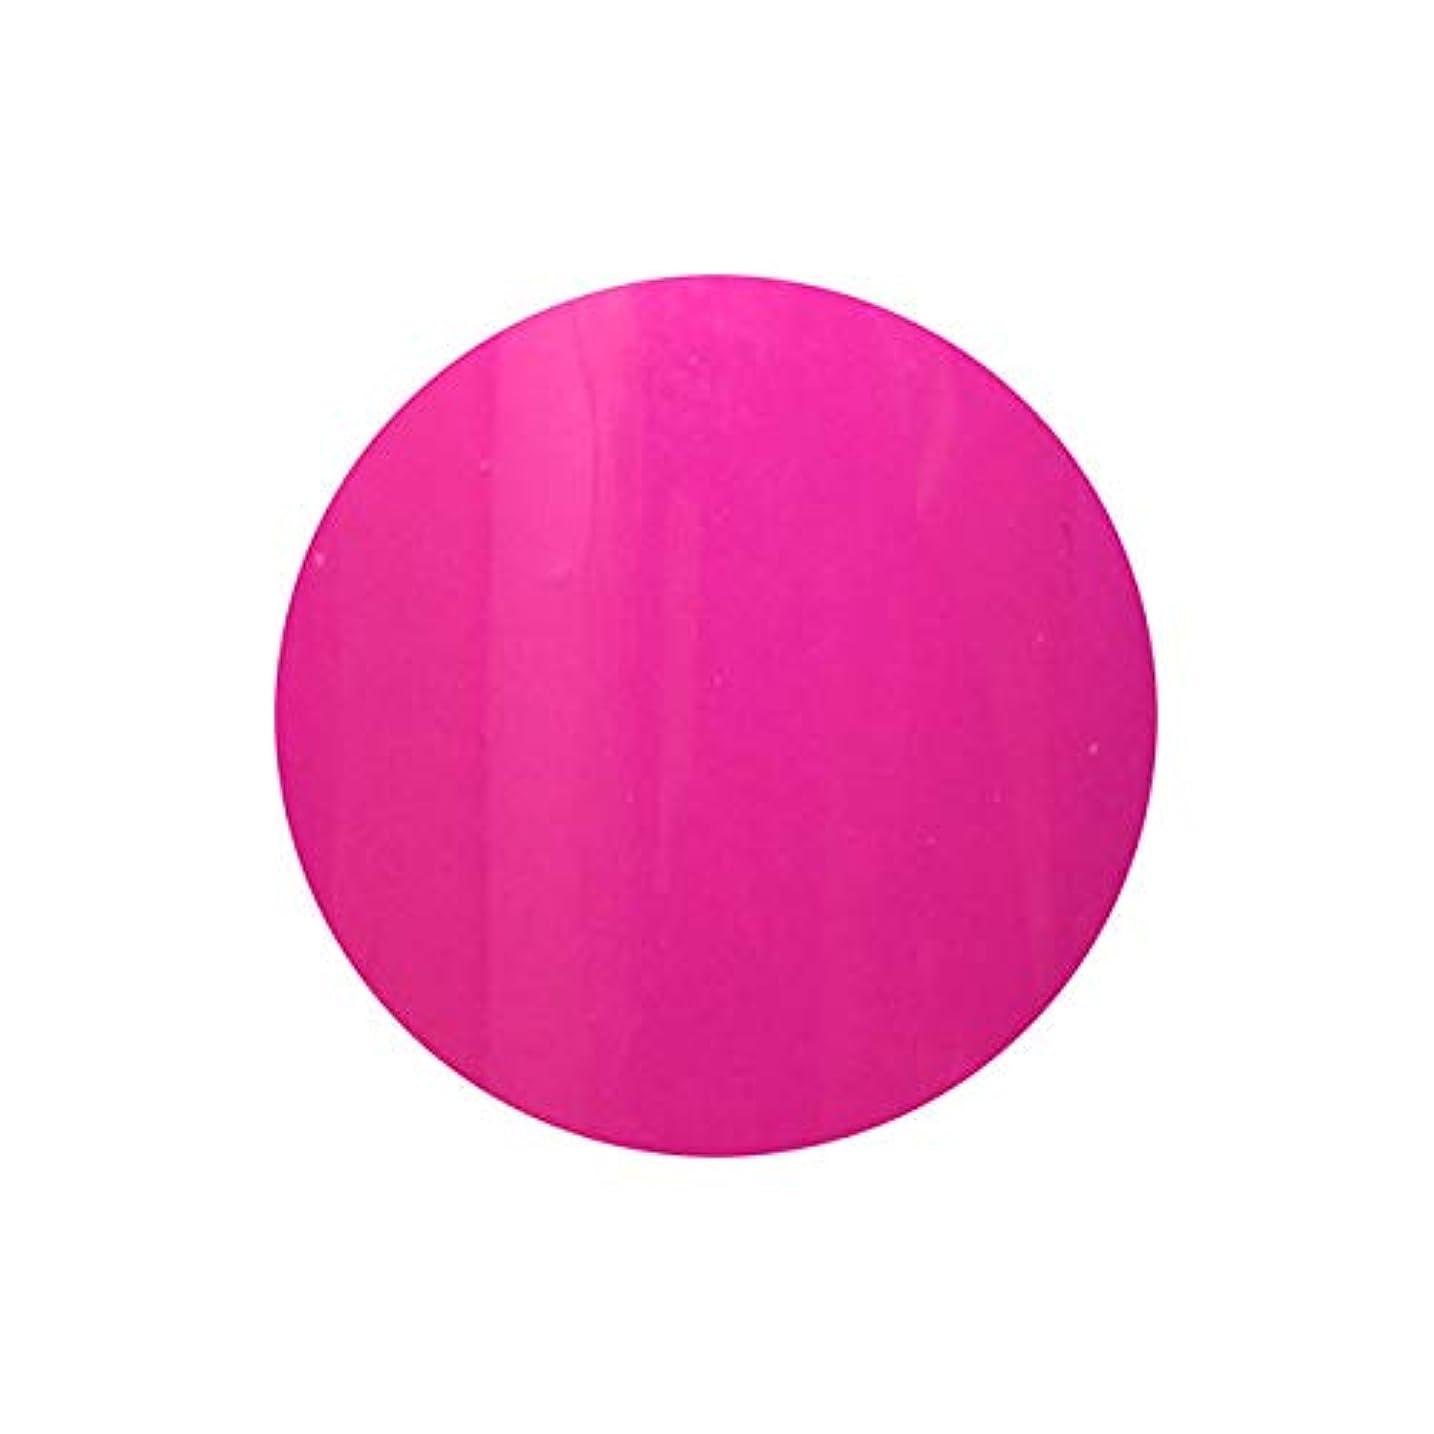 オークランドどきどき近代化する【NEW】T-GEL COLLECTION カラージェル D224 マックスピンク 4ml